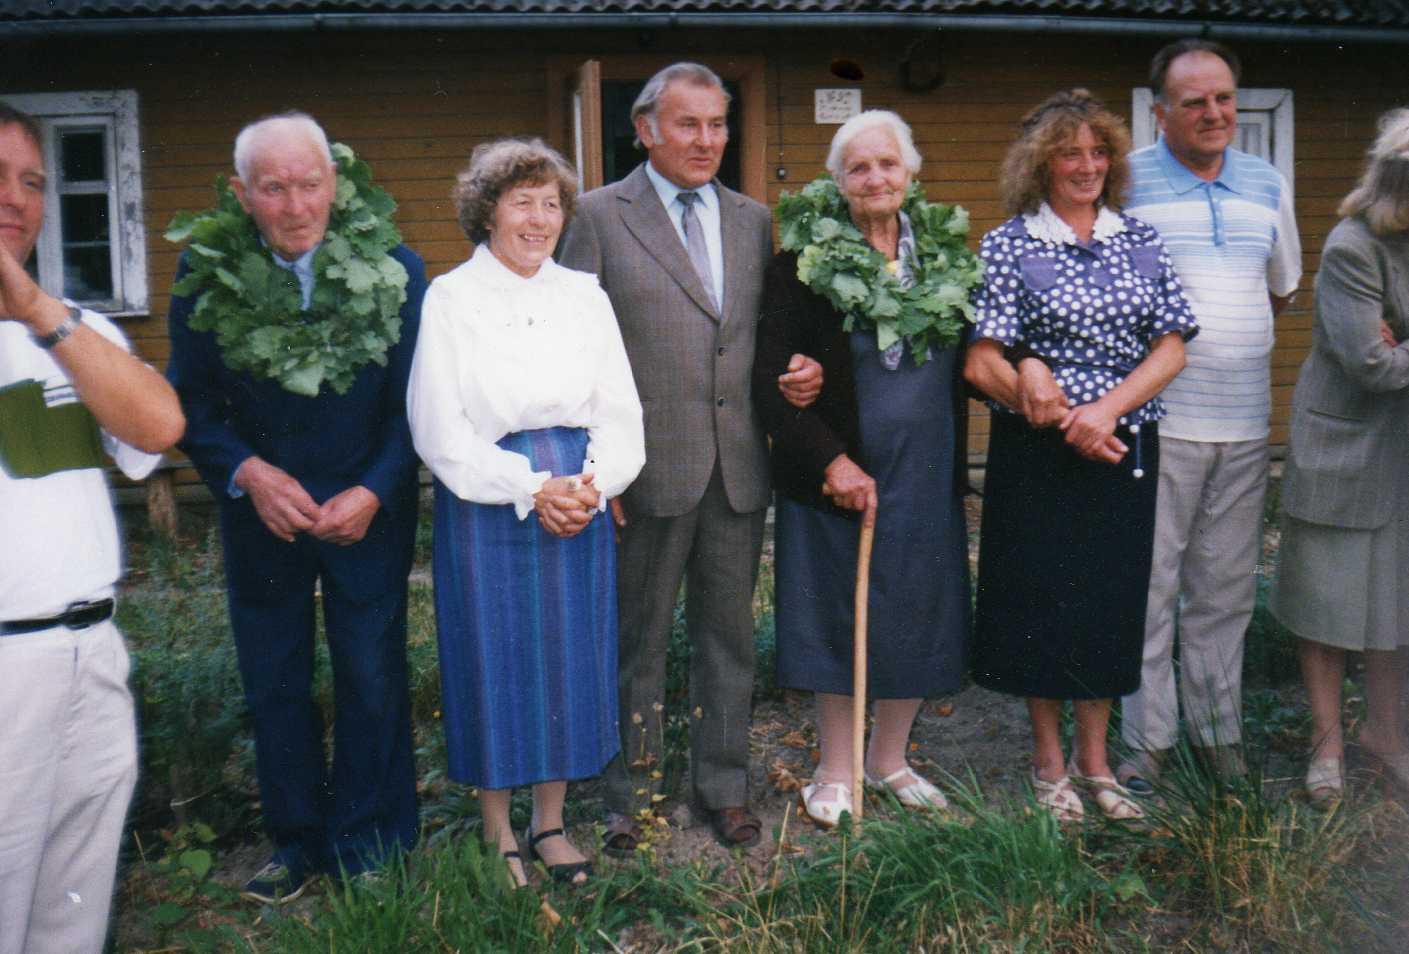 Vasinauskų giminės susitikimas. Profesoriaus, agronomo Petro Vasinausko brolis Jonas Vasinauskas (antras iš kairės). 1994 m.